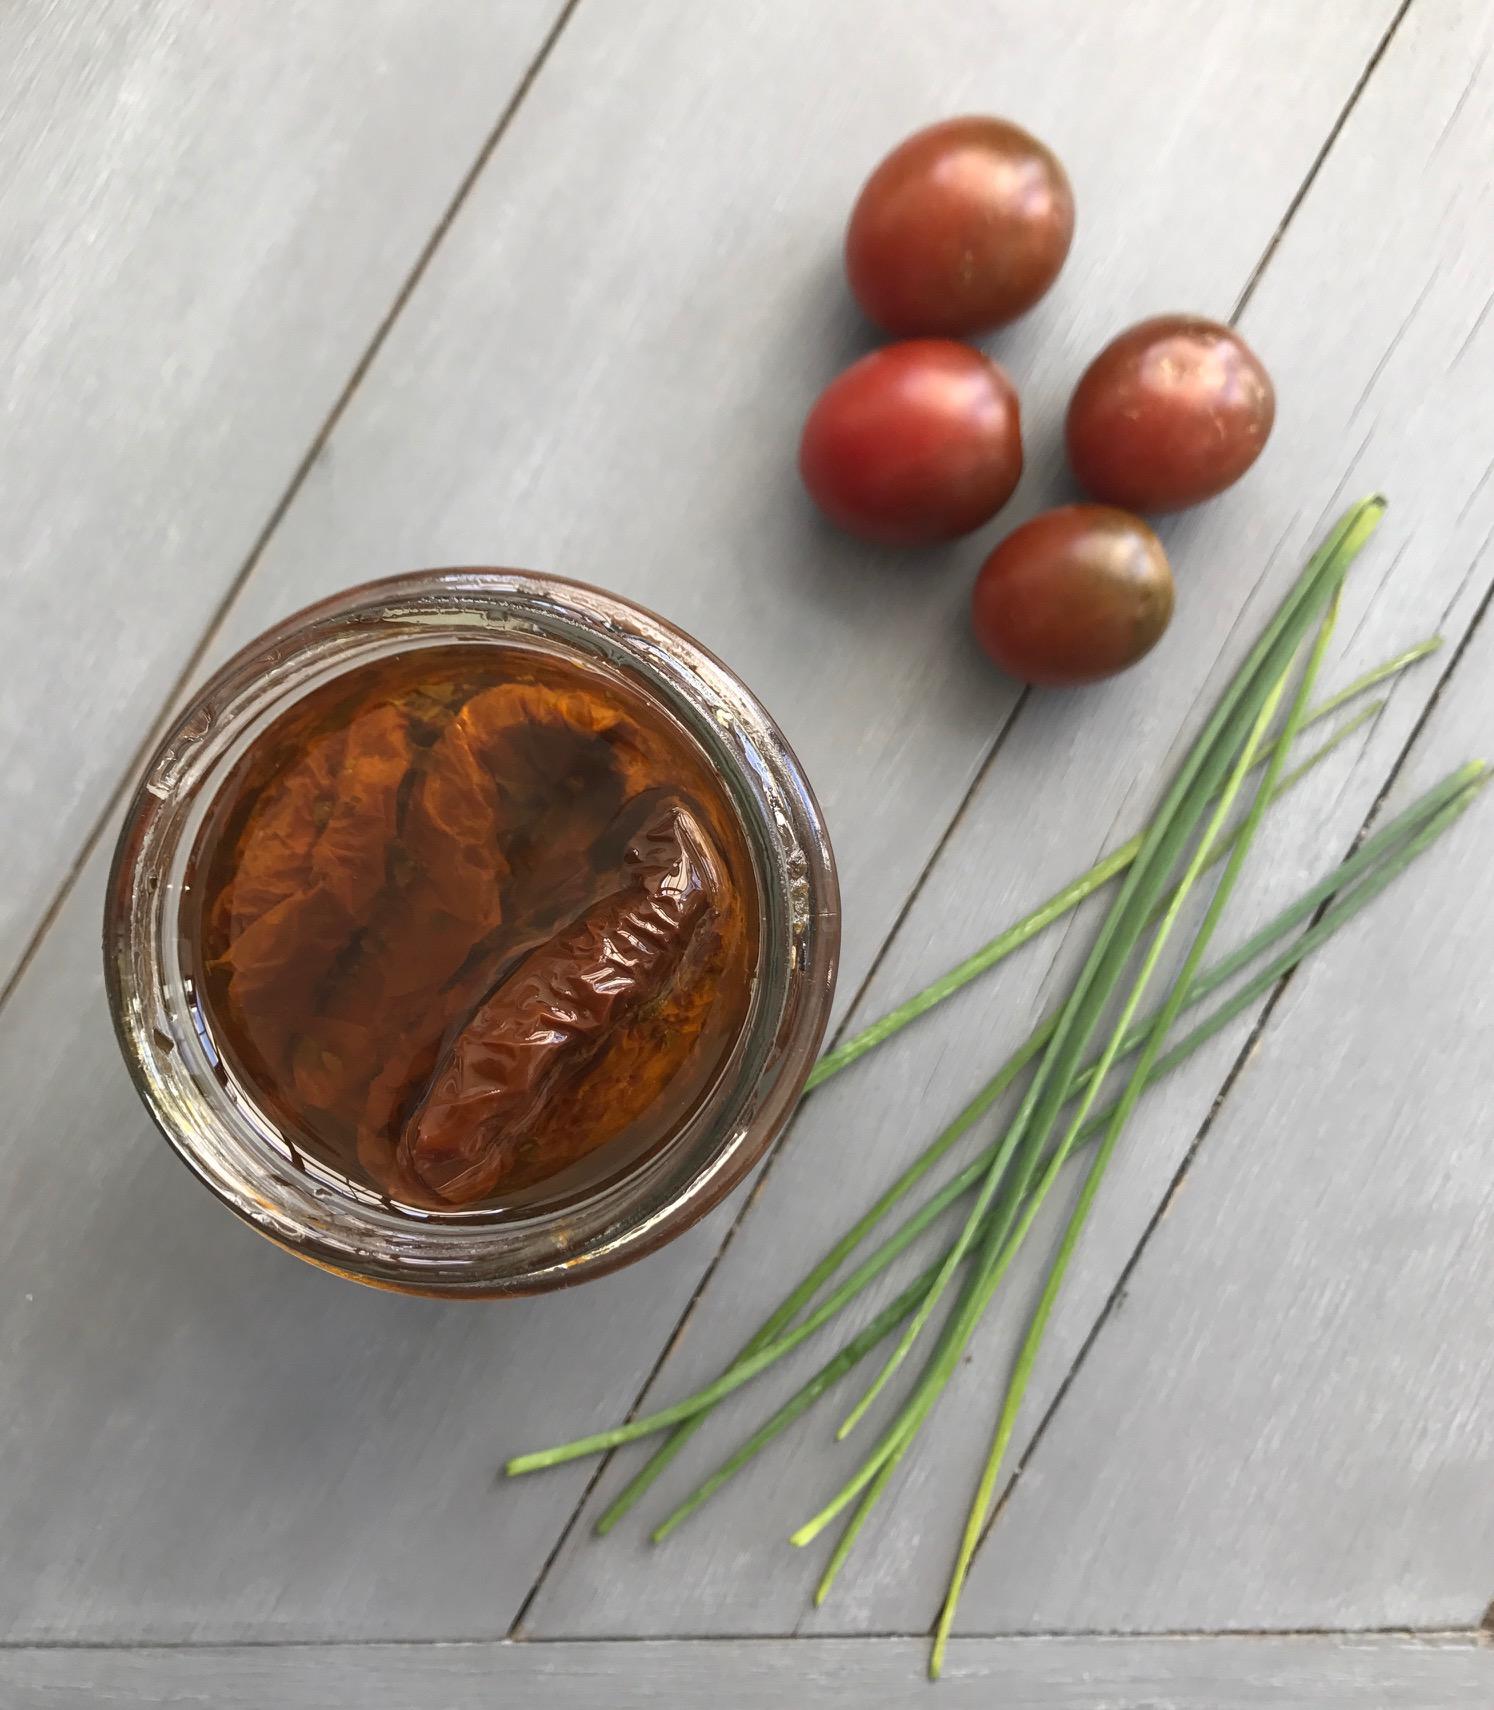 Tomates cherry deshidratados - El lunes cierro el pico